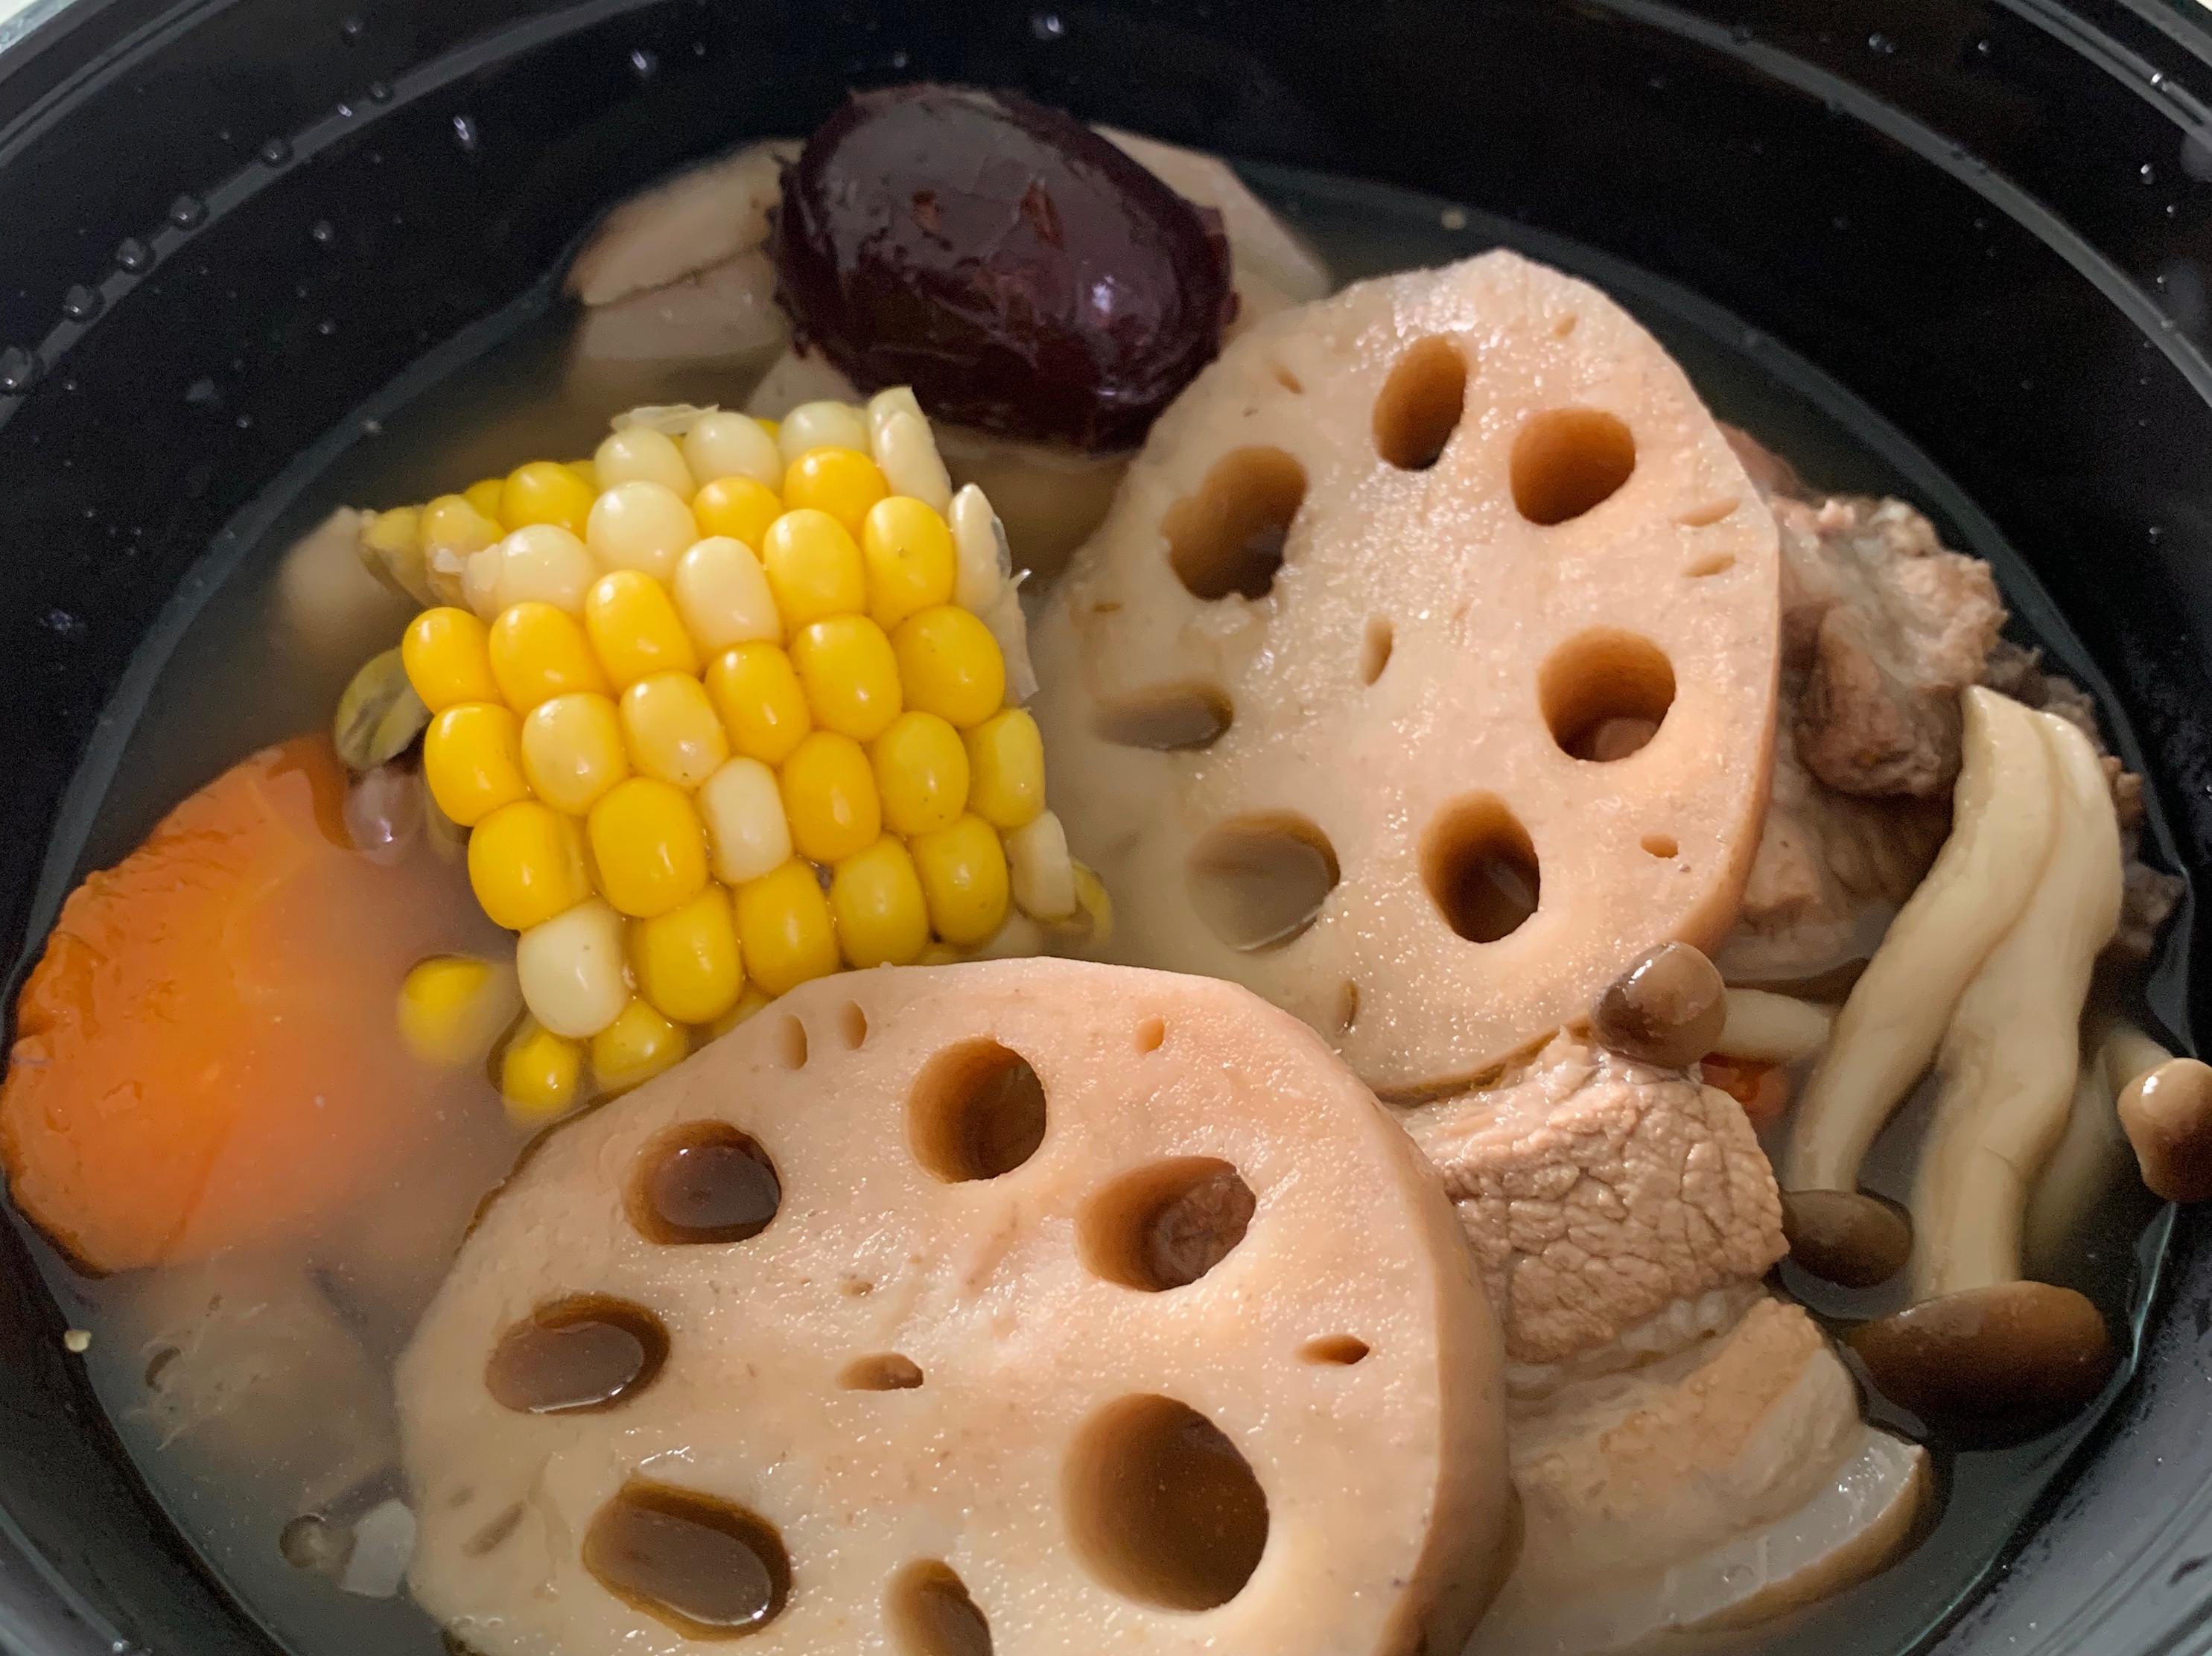 紅棗花生蓮藕排骨煲湯